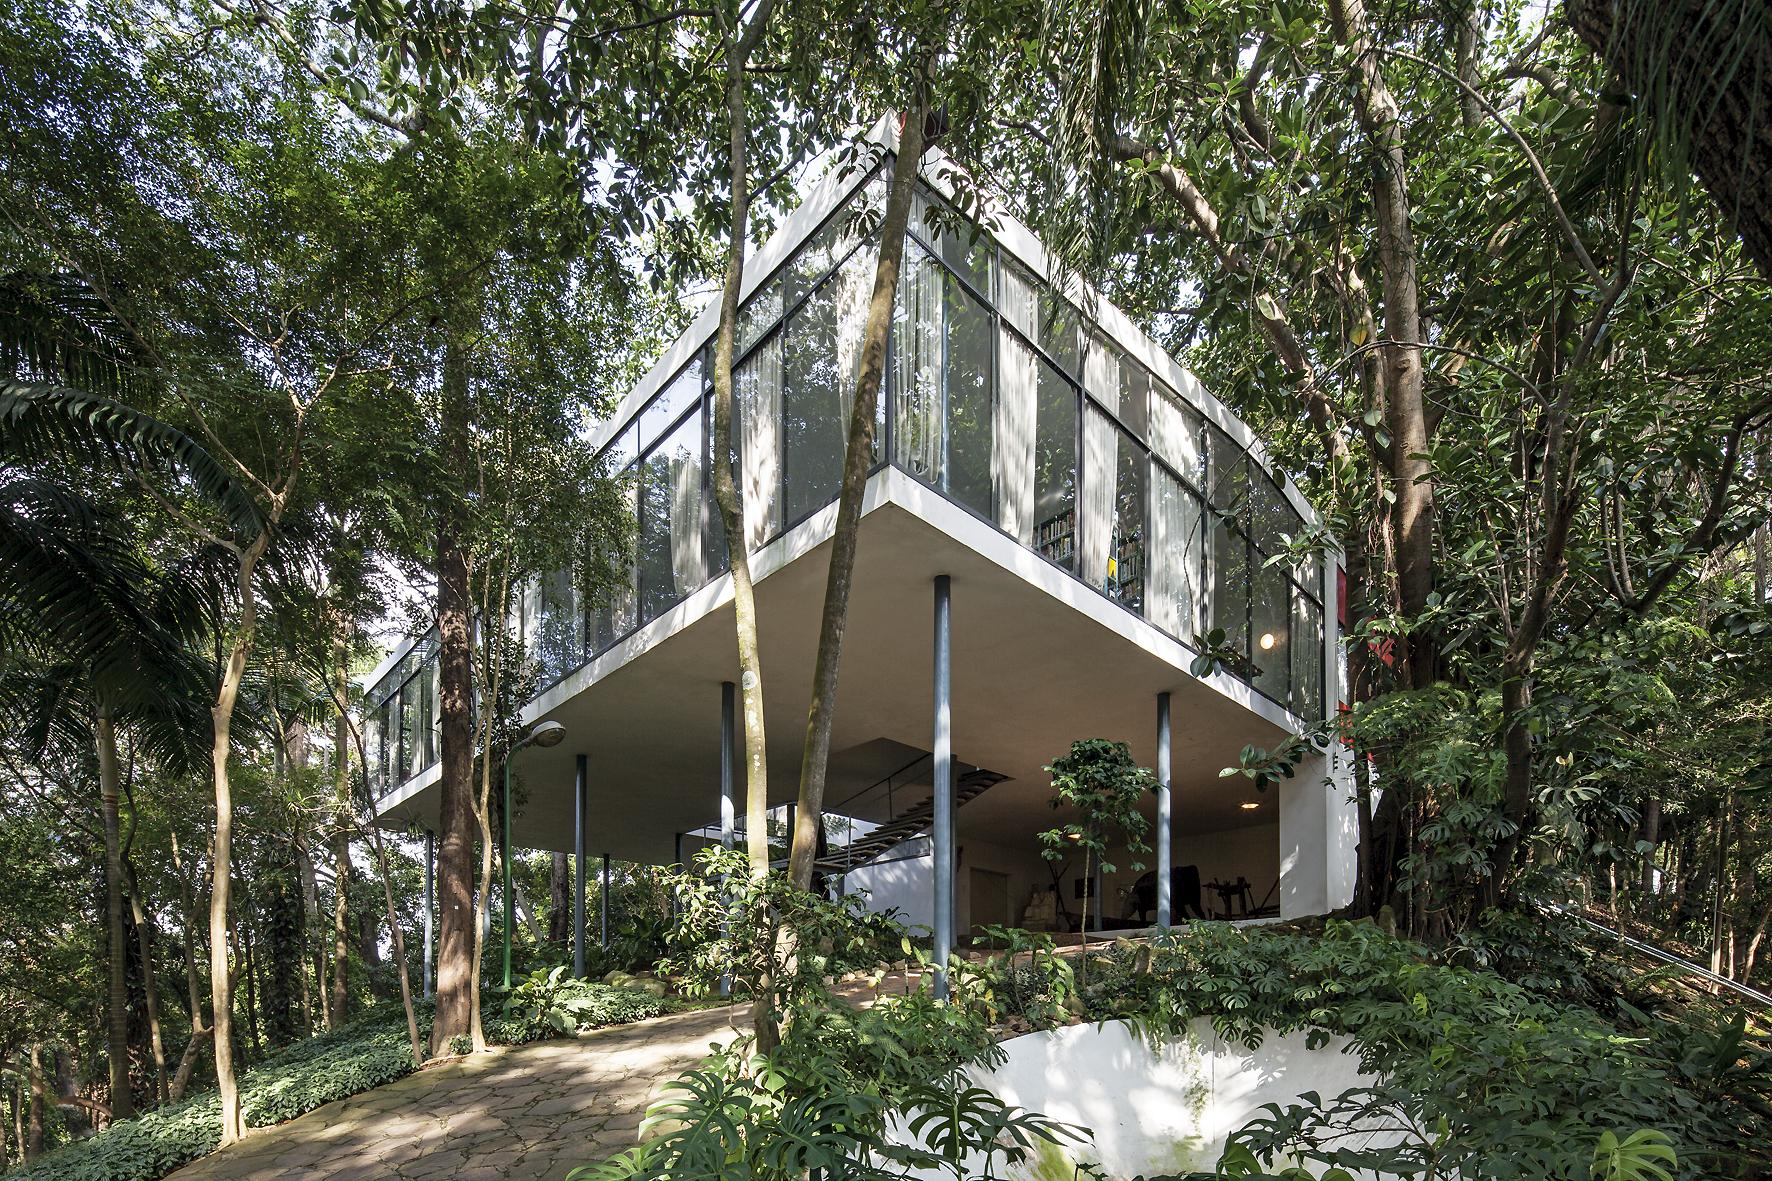 Brazilian architecture the dream house casa de vidro amuse